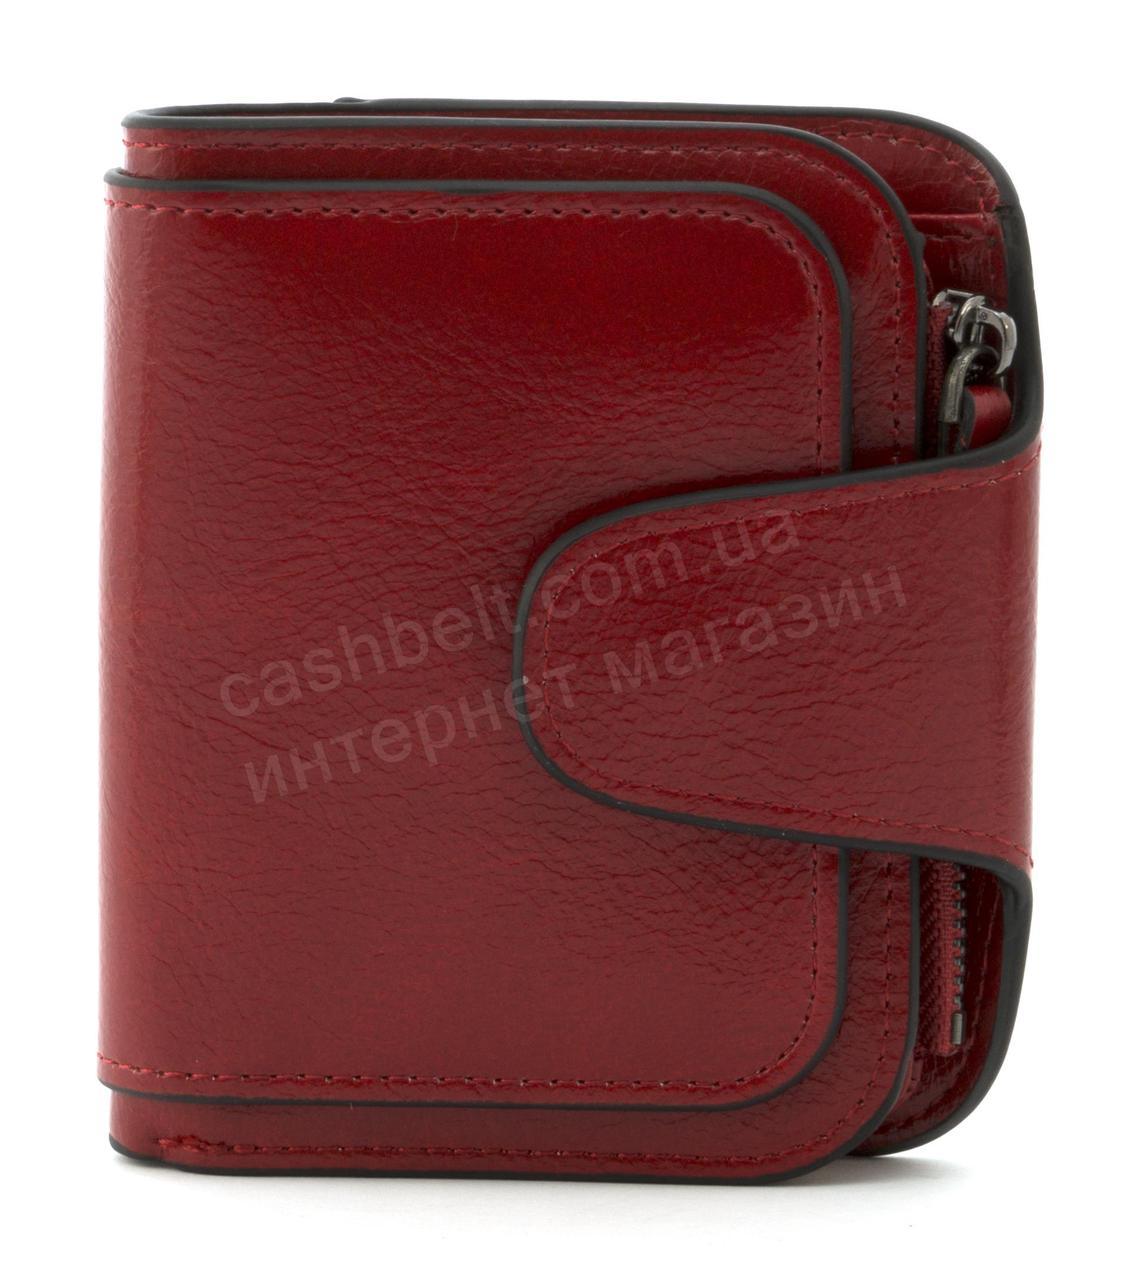 Женский компактный многофункциональный вместительный кошелек FUERDANNIart. 845красный